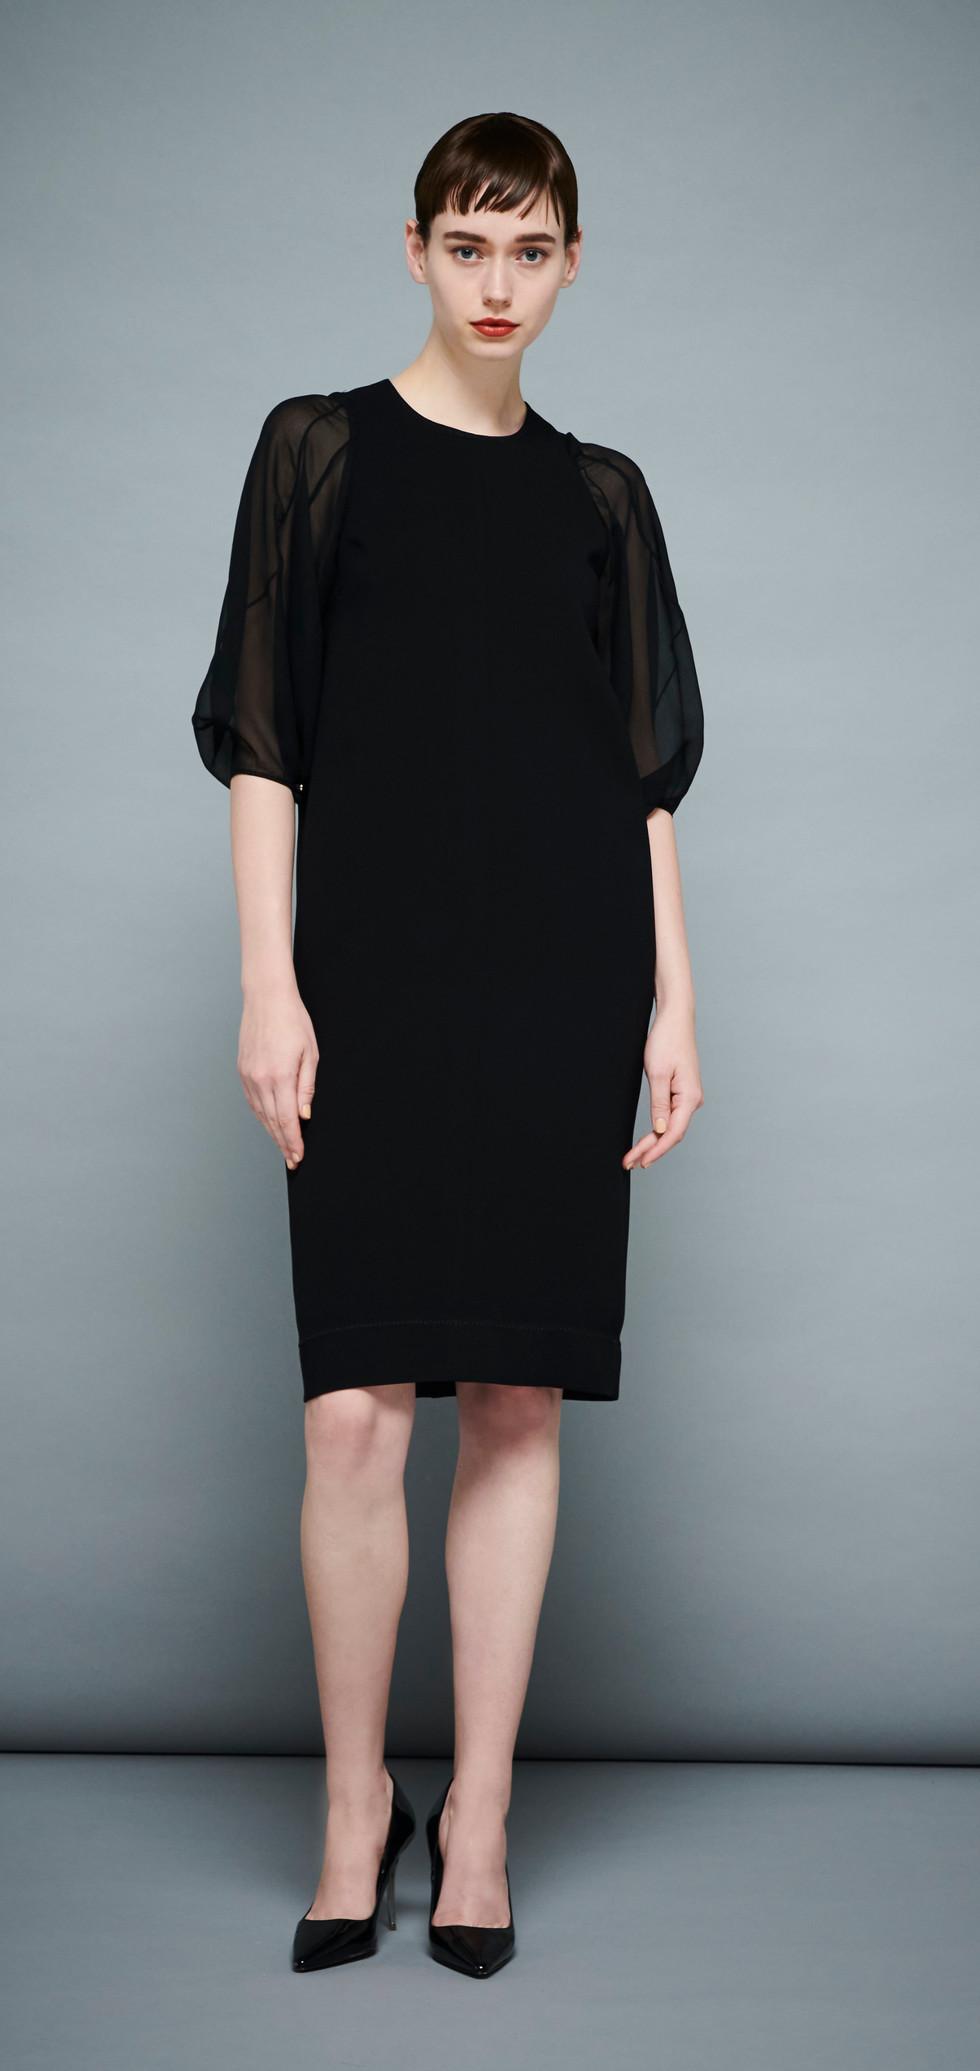 dress BR8O-175-1455